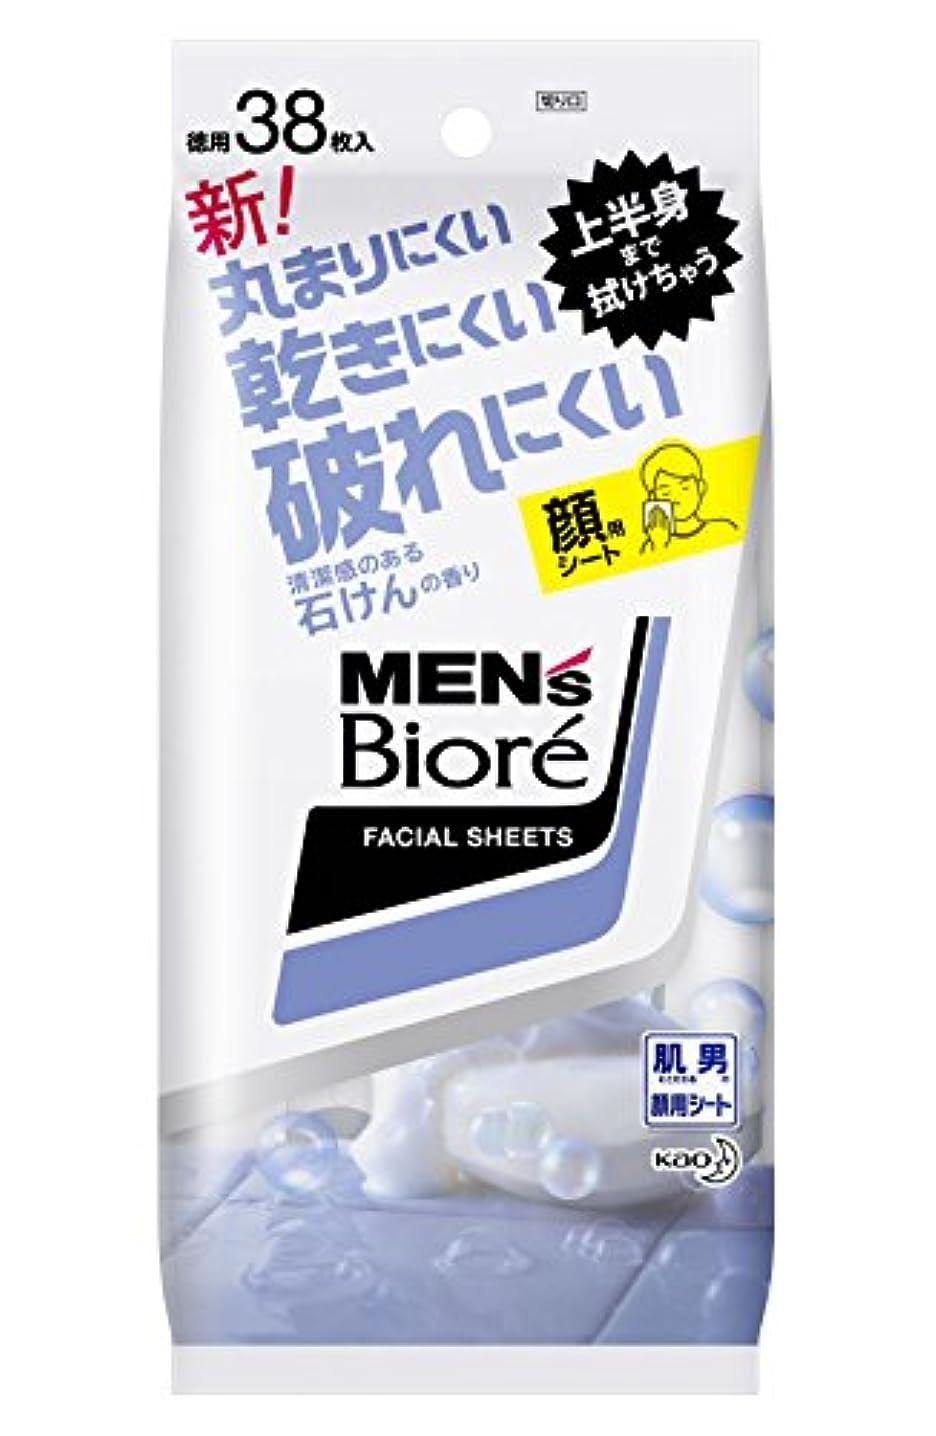 検索食用持参メンズビオレ 洗顔シート 清潔感のある石けんの香り <卓上タイプ> 38枚入